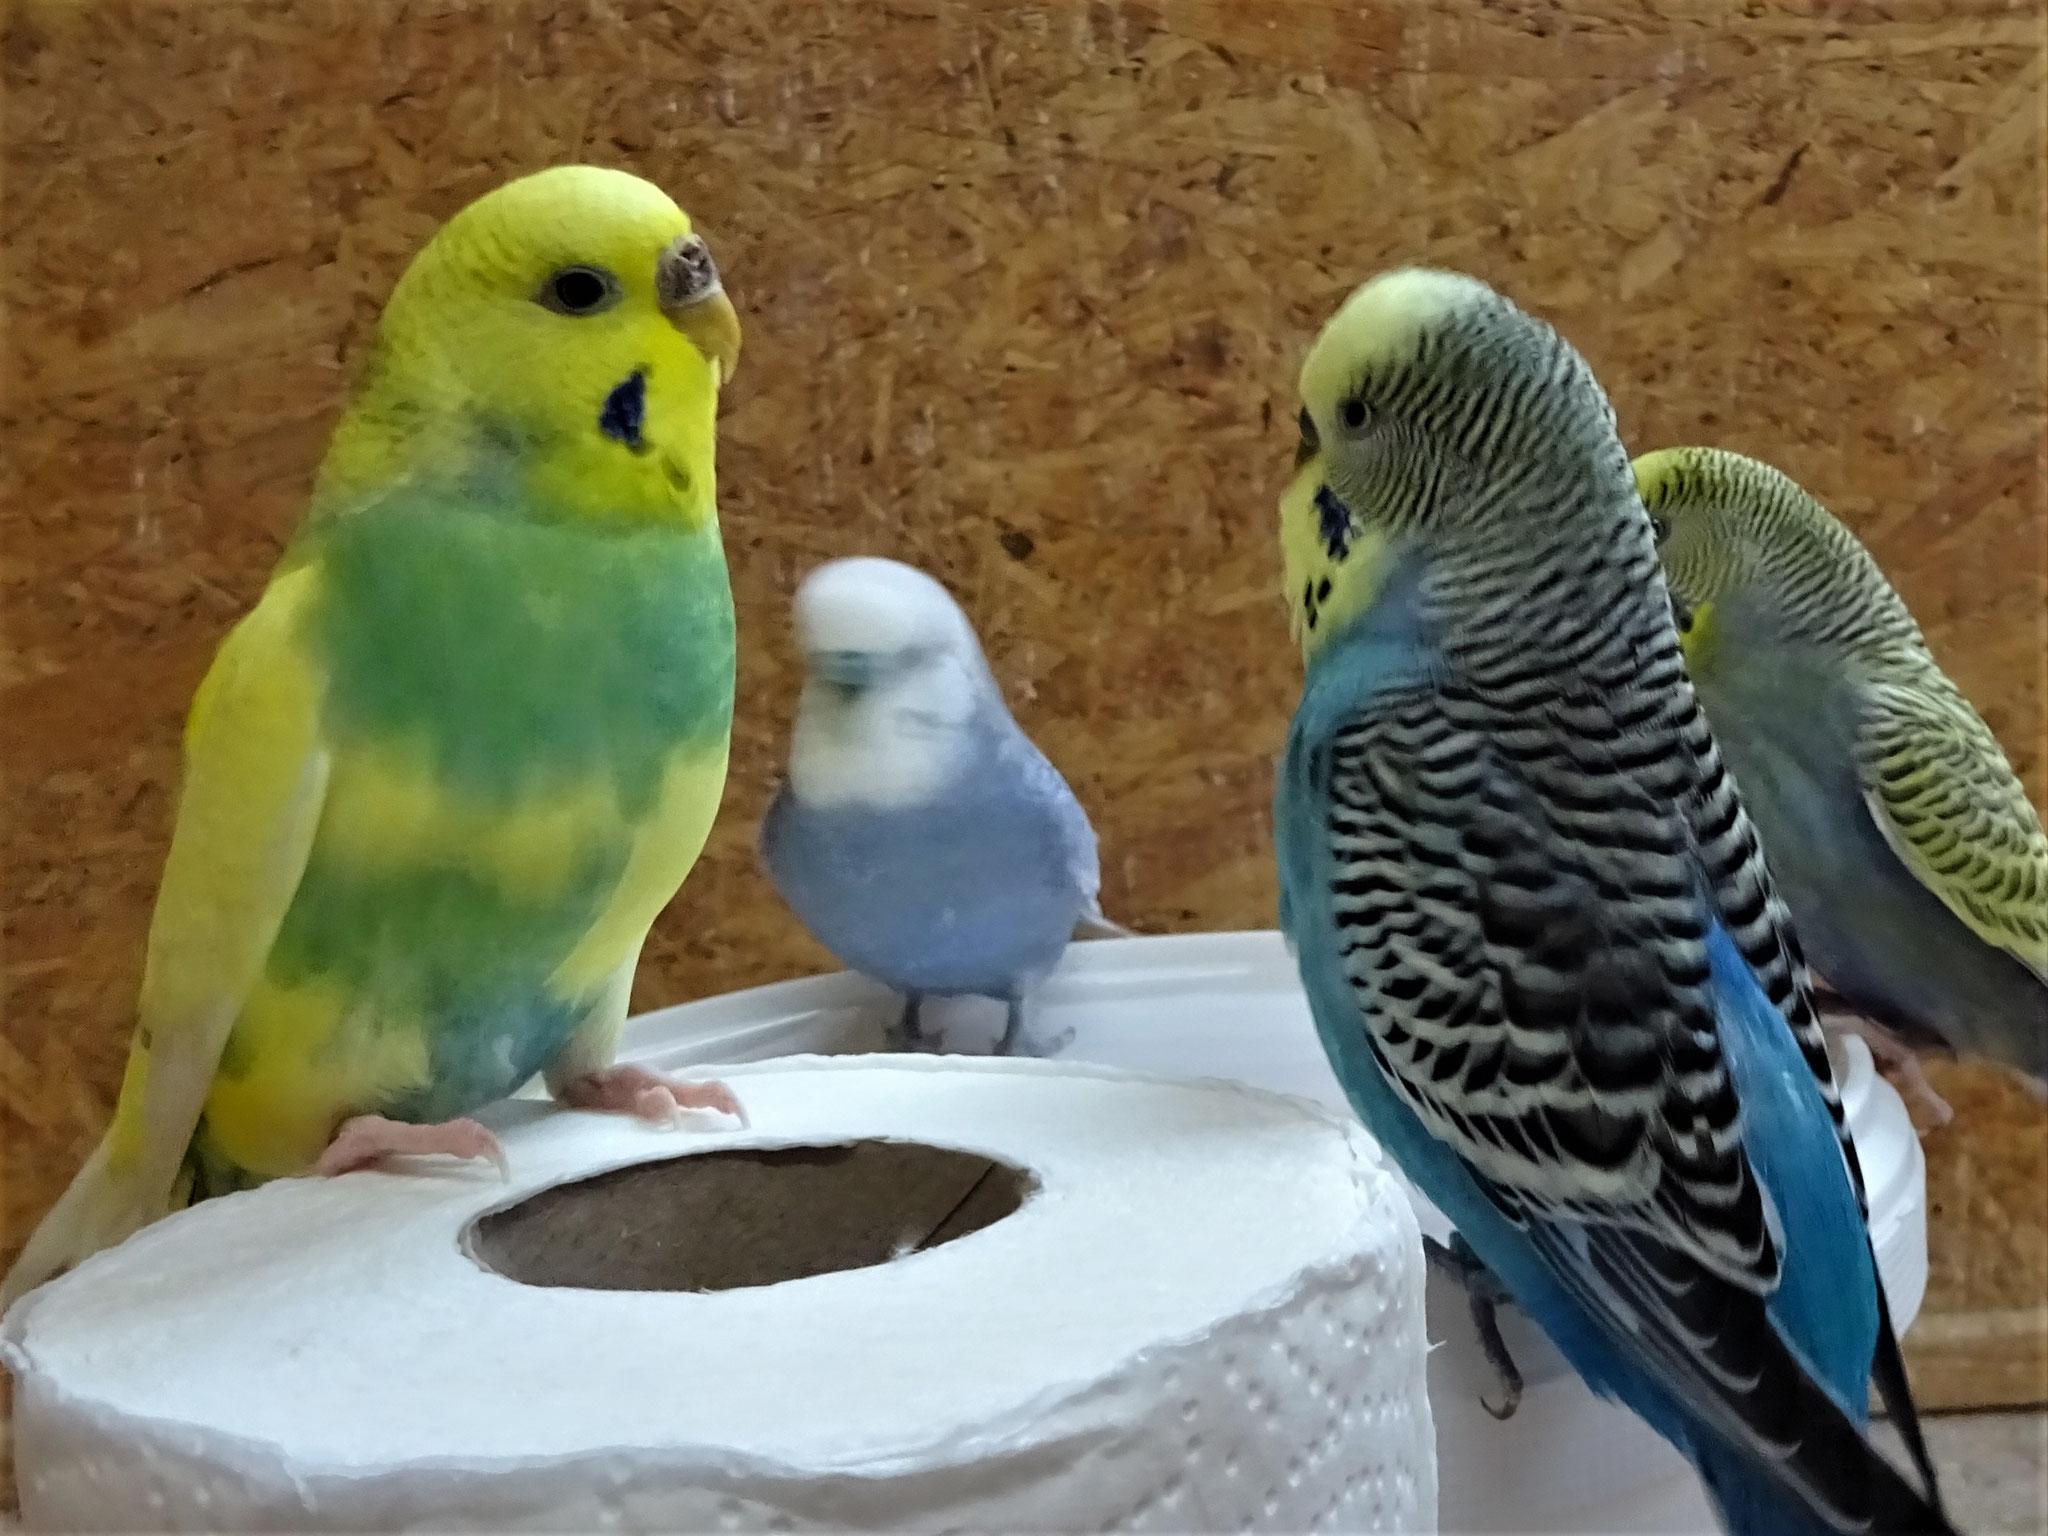 vorne: Miss Patty und Jordy, hinten: Monty und Tini